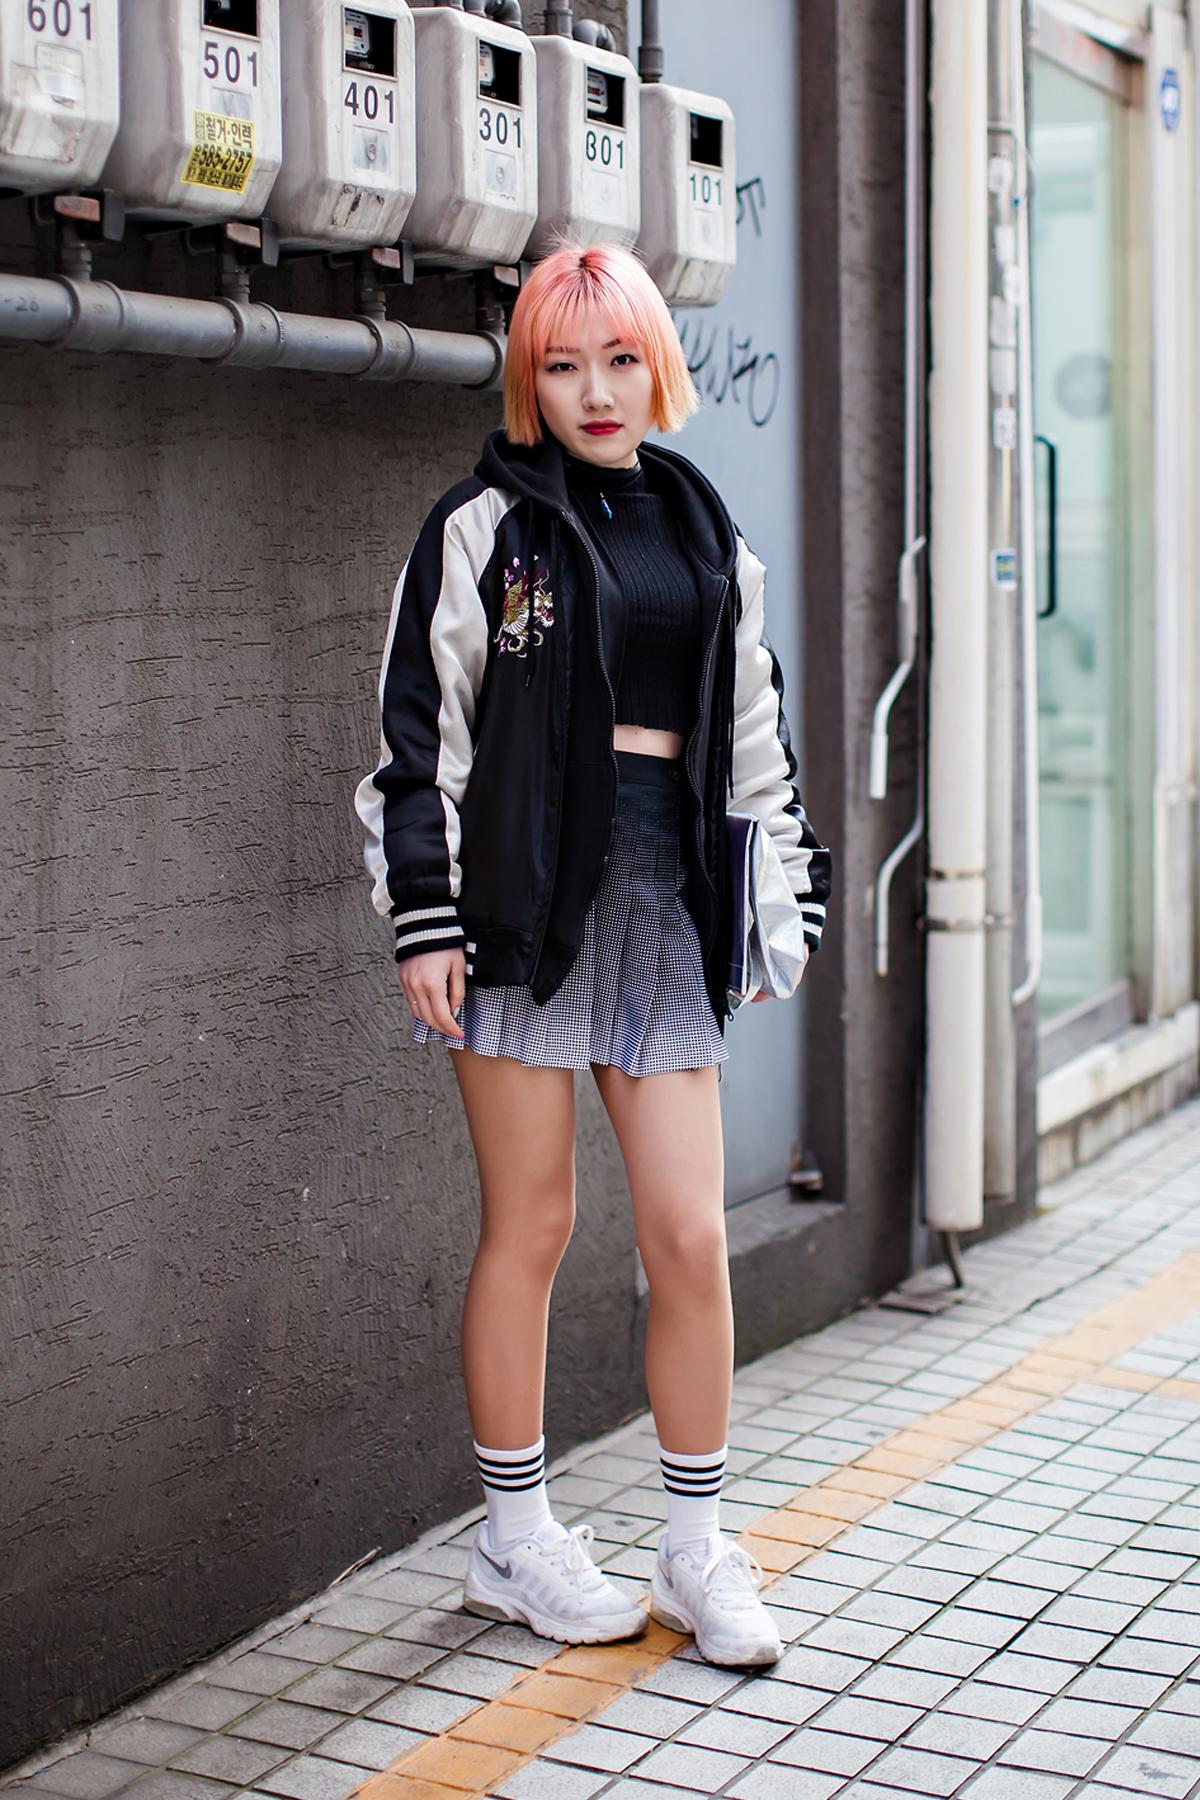 Oh Hyejin, Seoul.jpg